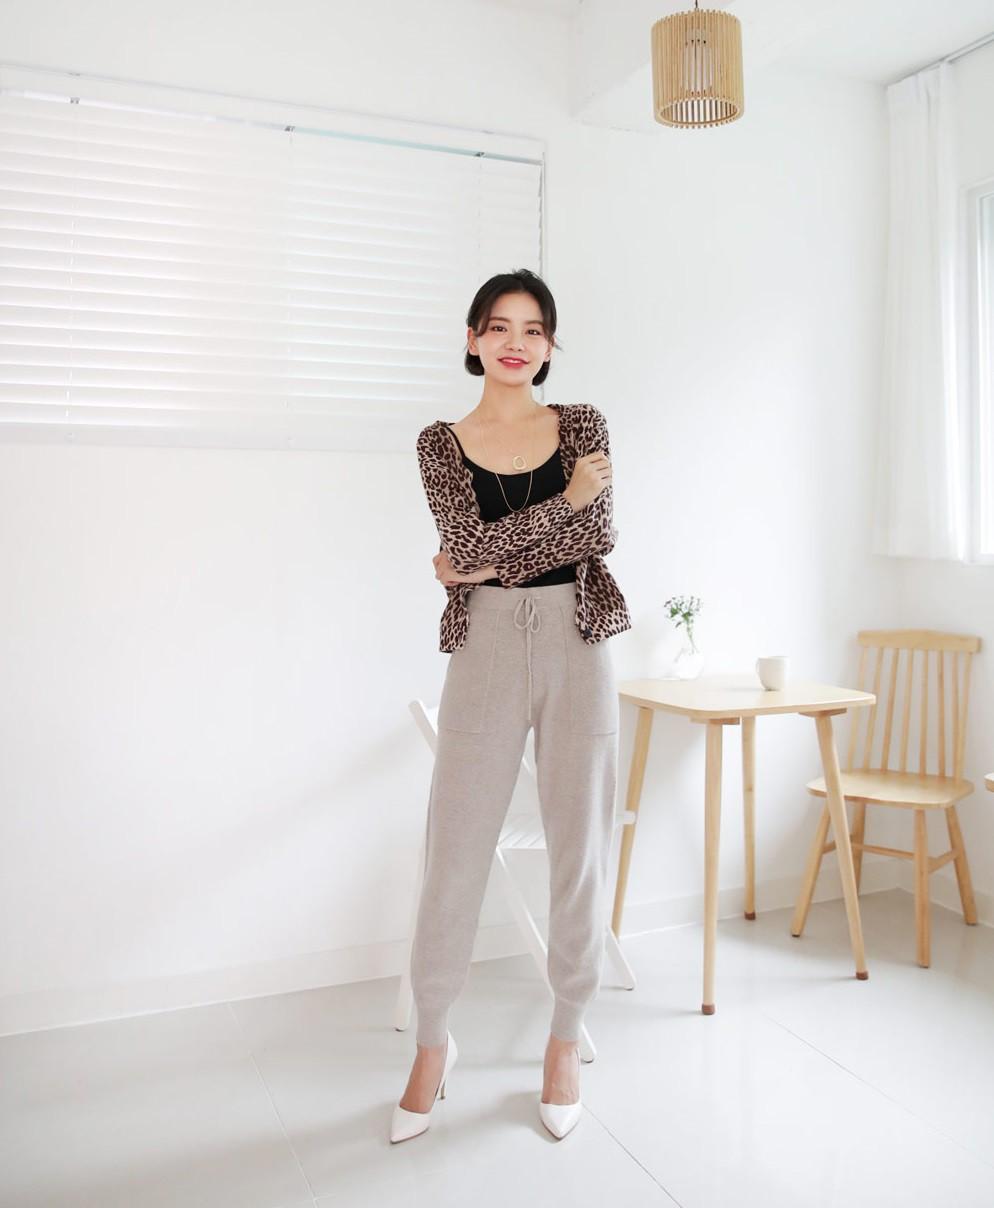 Diện lên vừa 'tây' lại thoải mái tuyệt đối, quần len chính là item mà các nàng cần sắm ngay cho tủ đồ mùa lạnh - 11